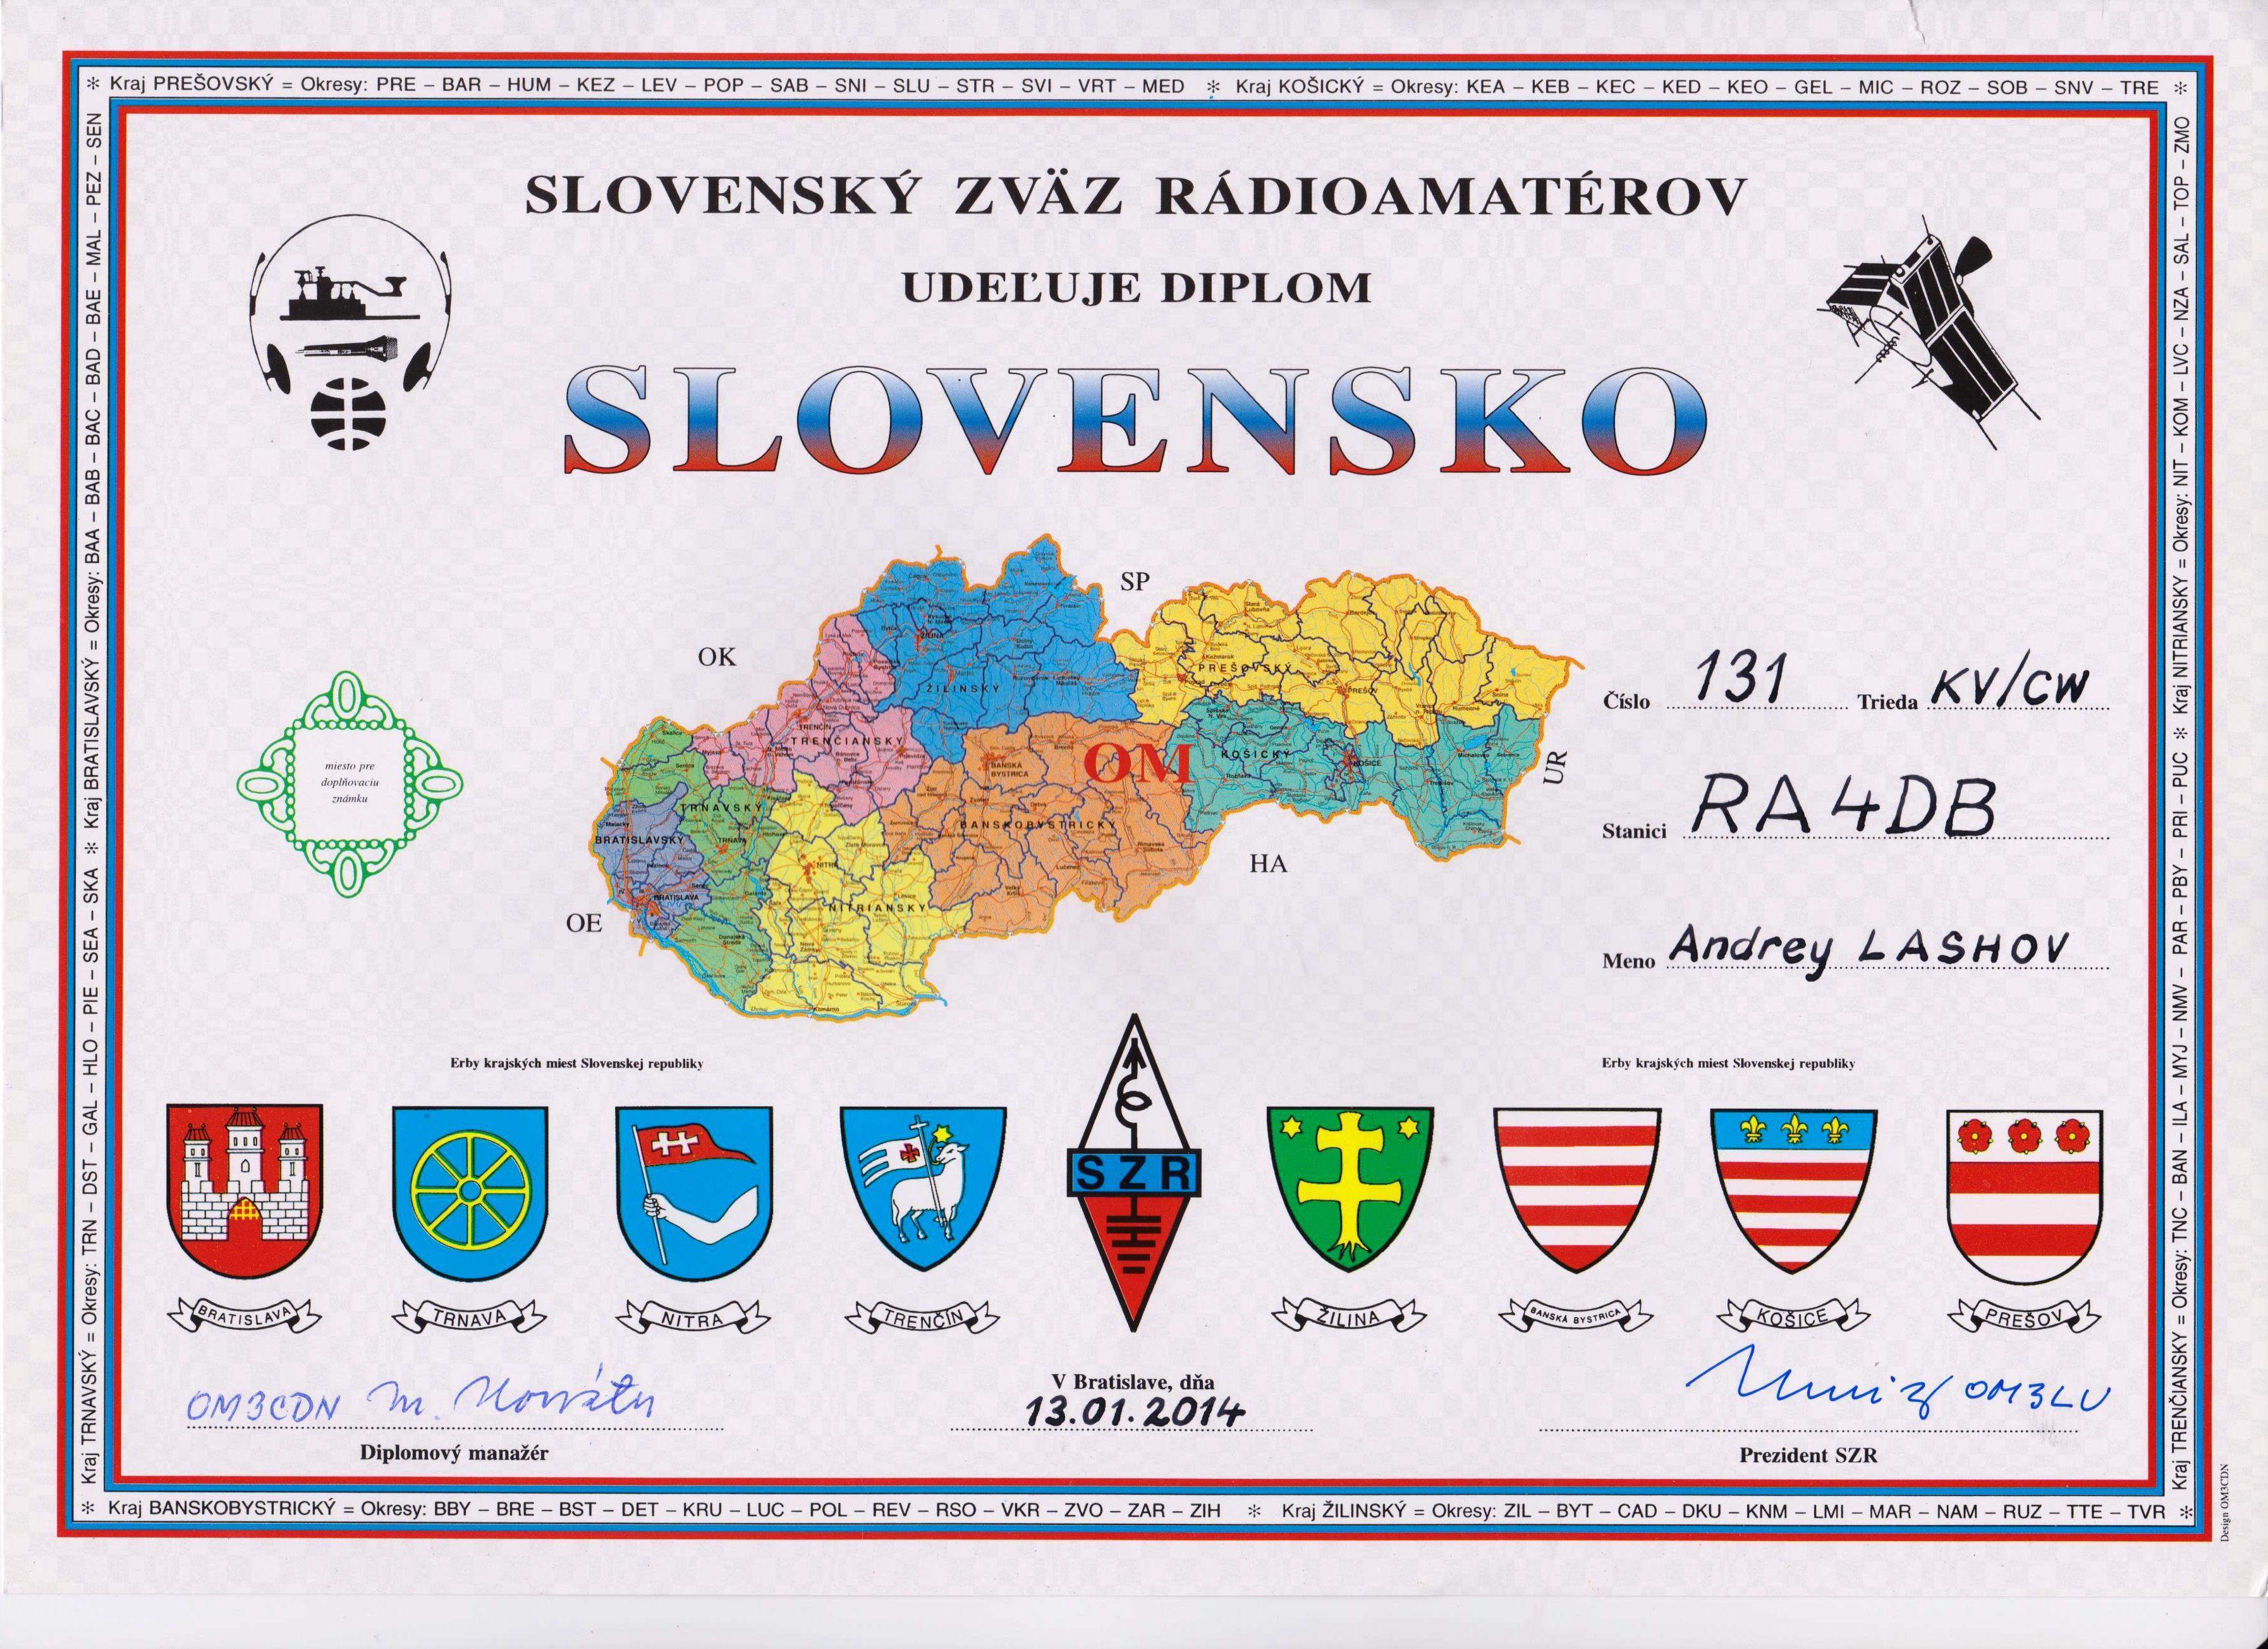 Нажмите на изображение для увеличения.  Название:Slovensko.jpg Просмотров:94 Размер:1.09 Мб ID:113053